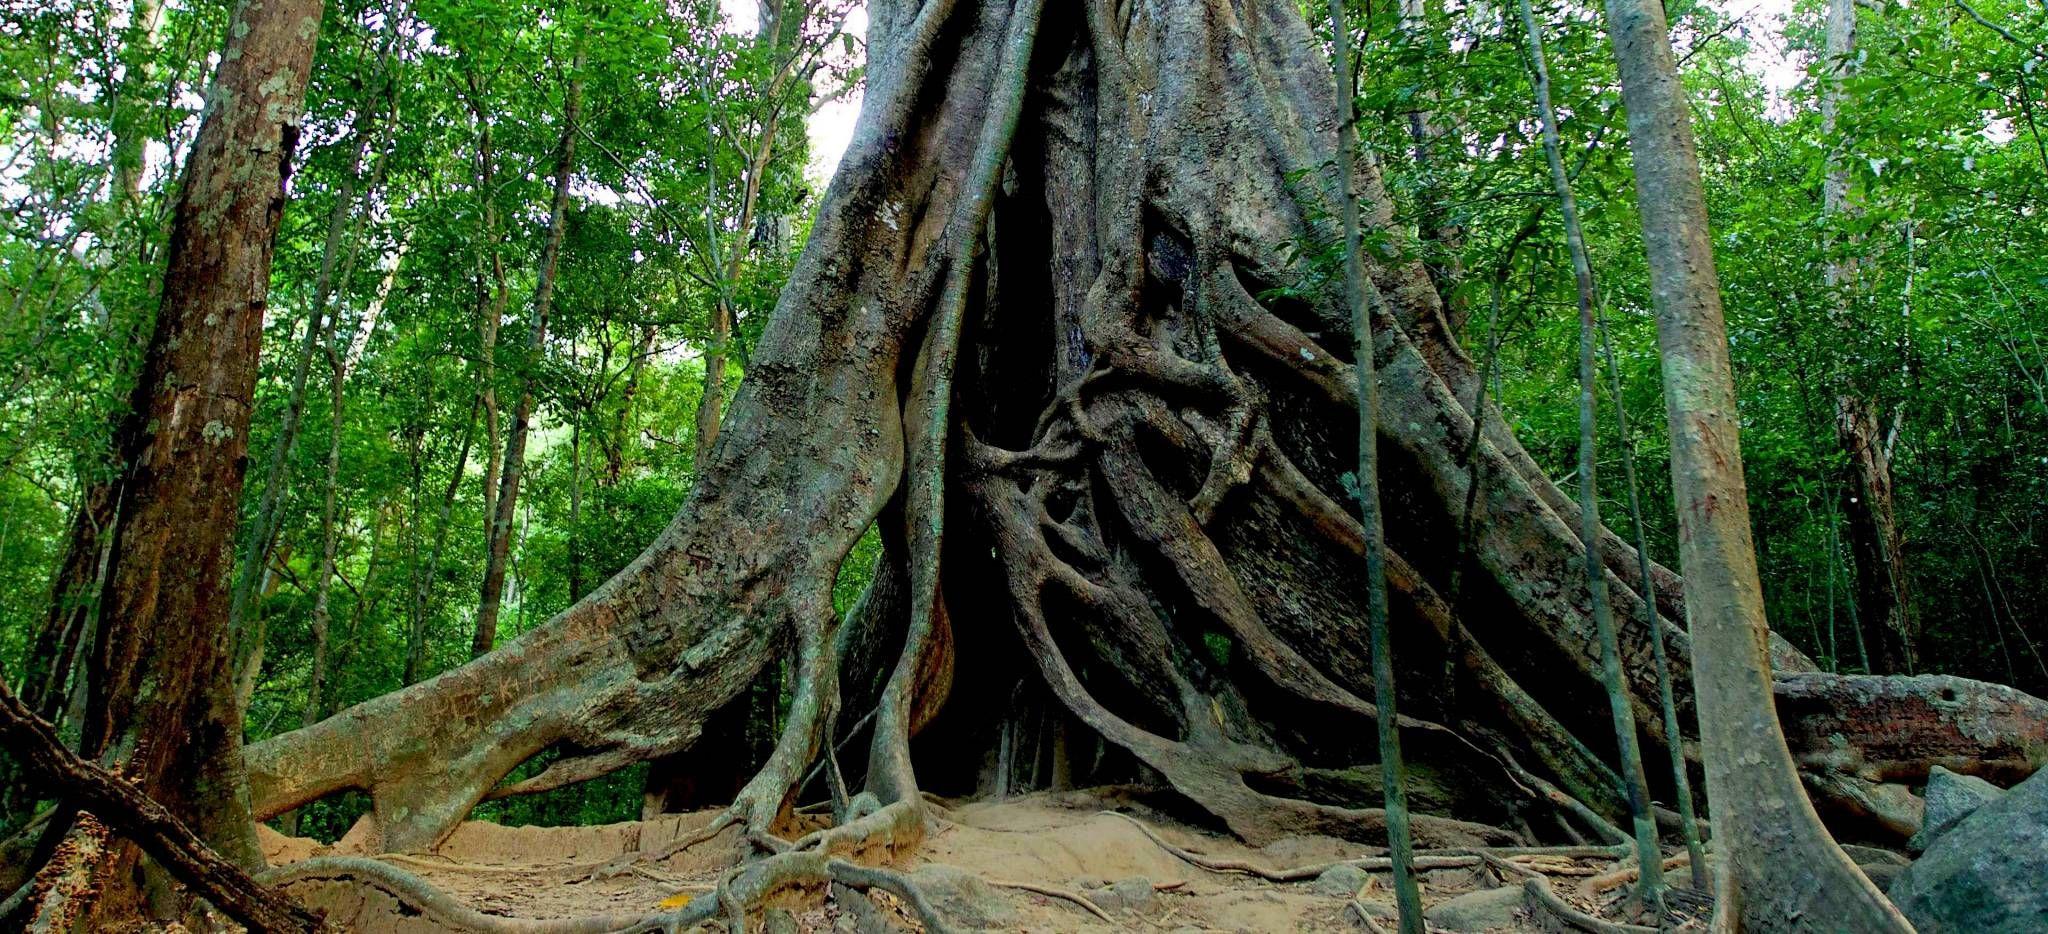 Das Wurzelwerk eines riesigen Baumes auf Sri Lanka